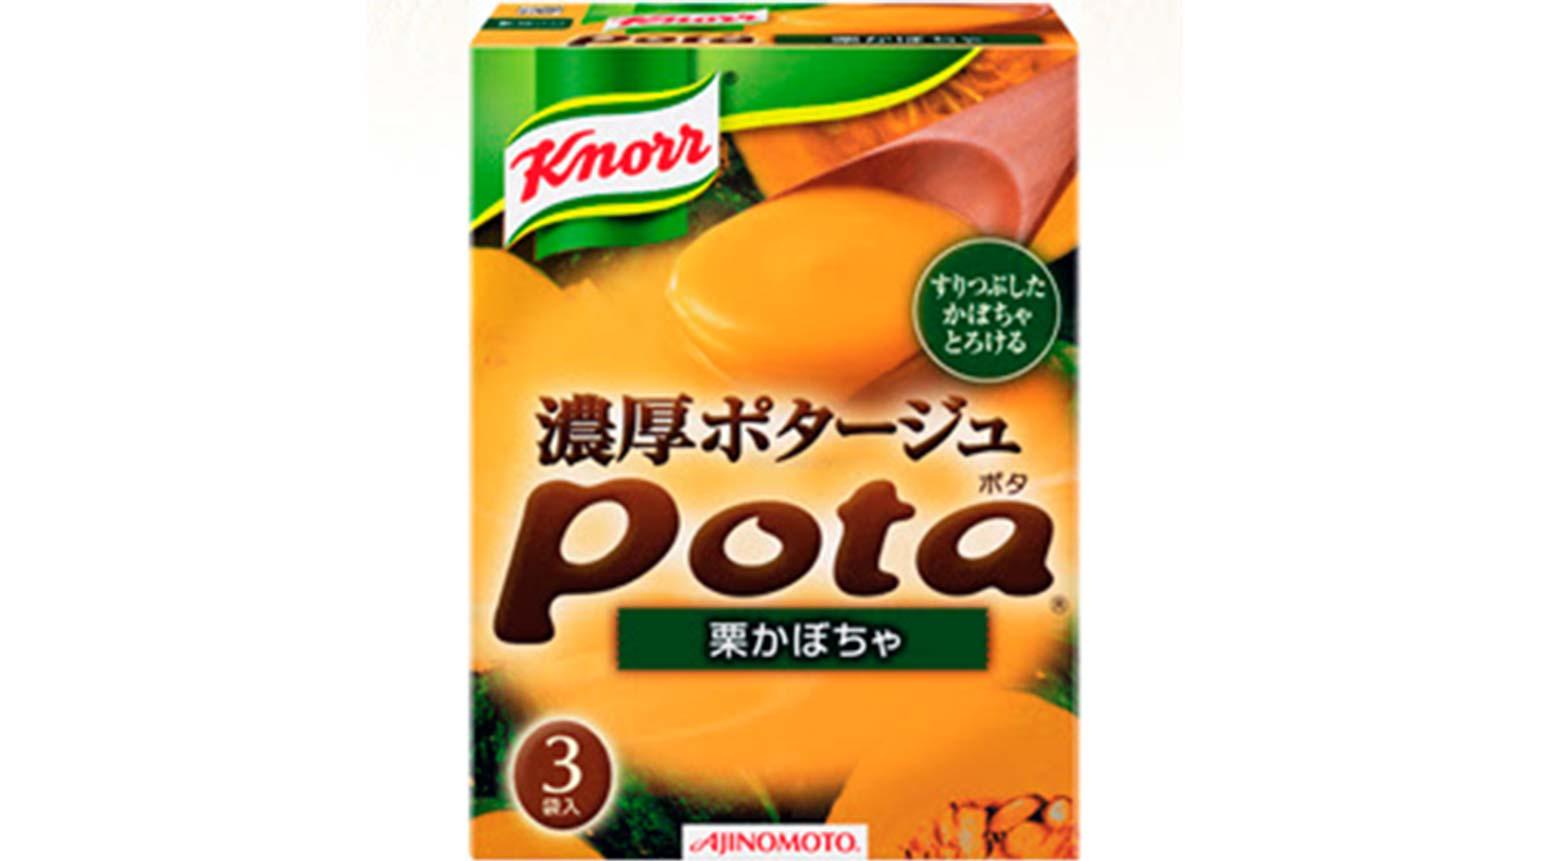 knorr-pota-naming